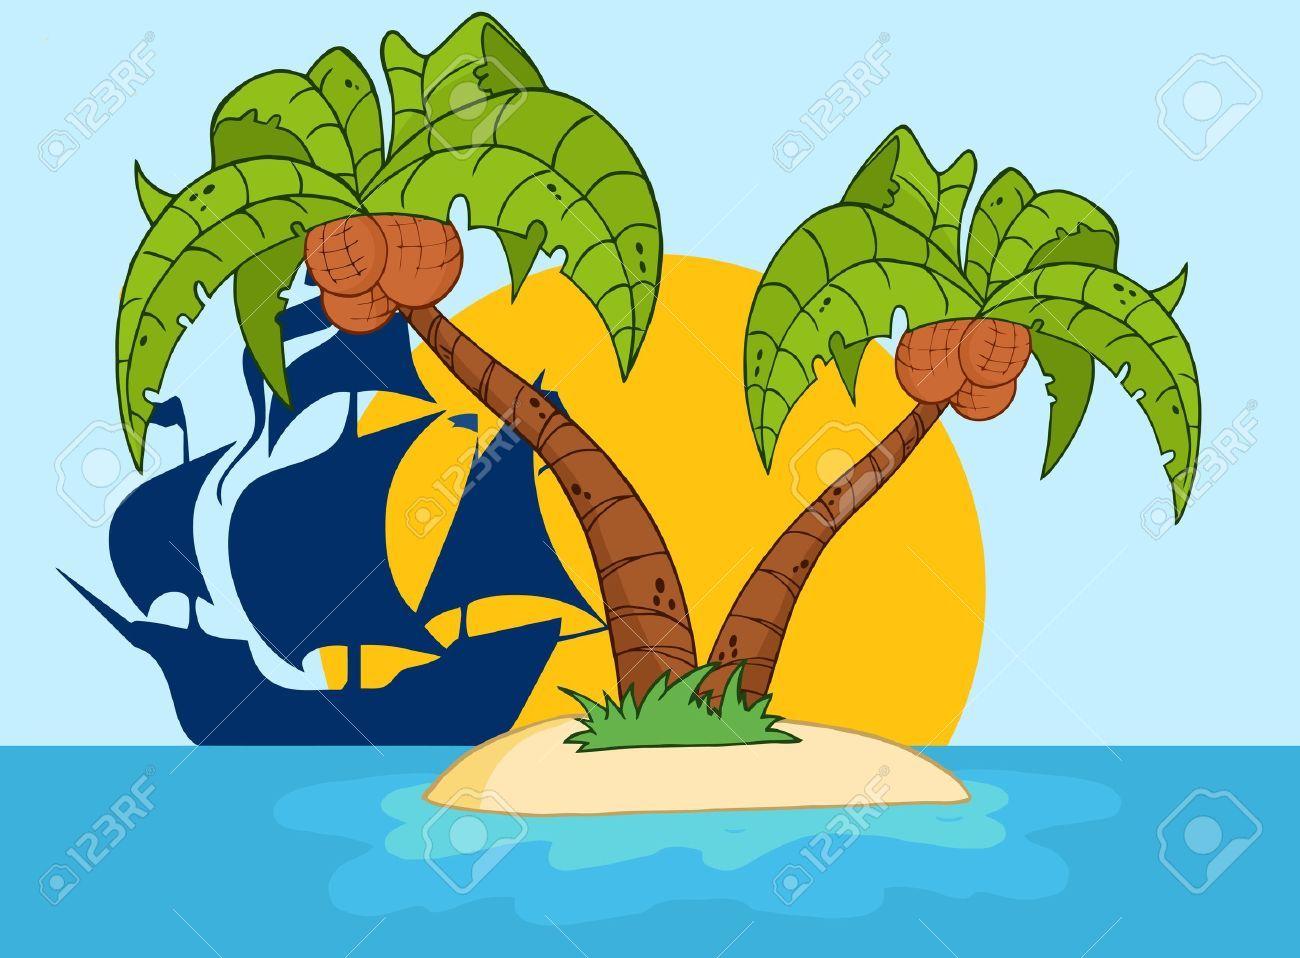 9634106 Isla De Dibujos Animados Con Dos Palmeras Y Barco Pirata Foto De Archivo Jpg 1300 958 Dibujo De Barco Isla Pirata Piratas